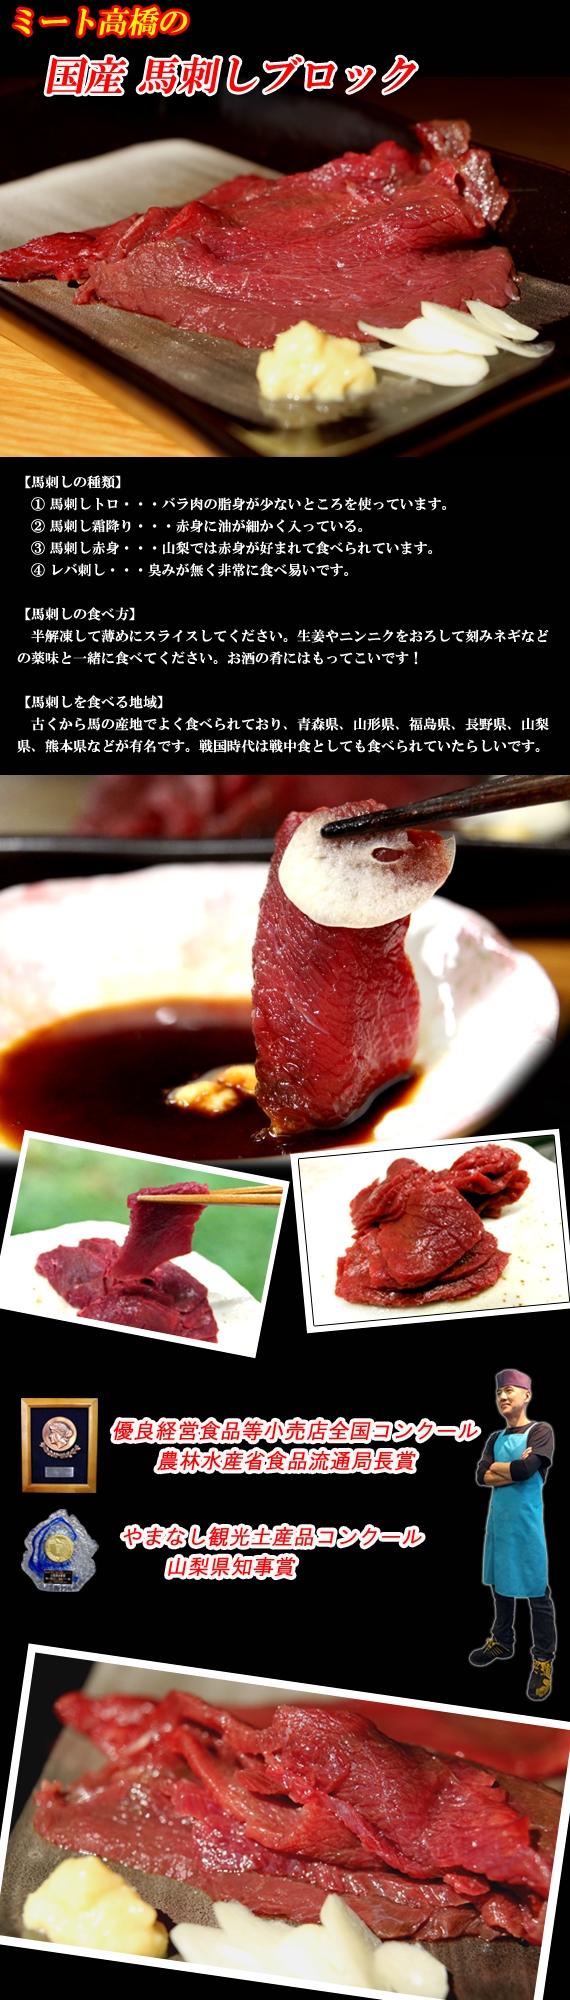 【冷凍品】馬刺し赤身ブロック 100g ブロック☆【お歳暮2020】【精肉・肉加工品】